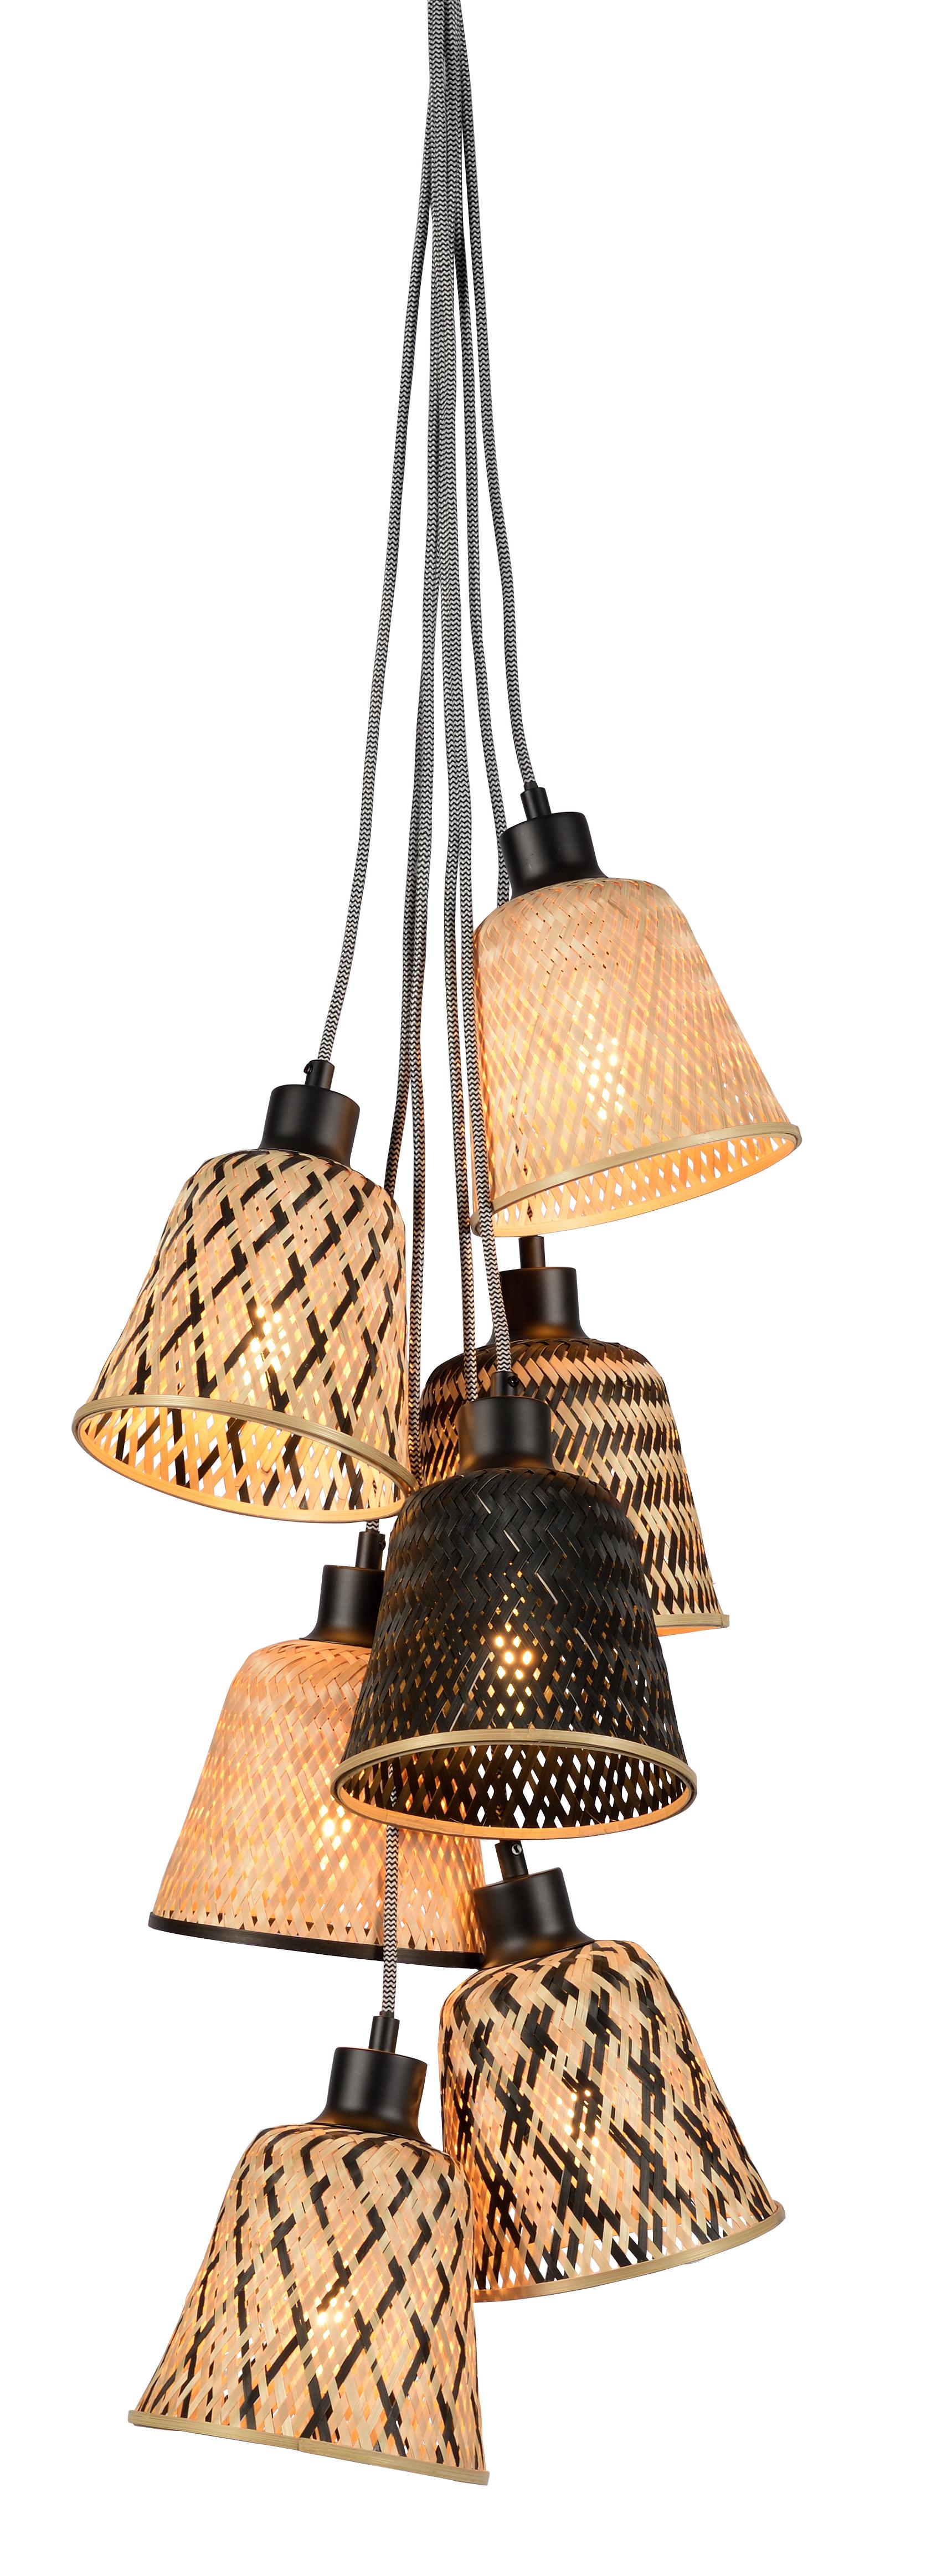 Suspension grappe en bambou 7 pendants